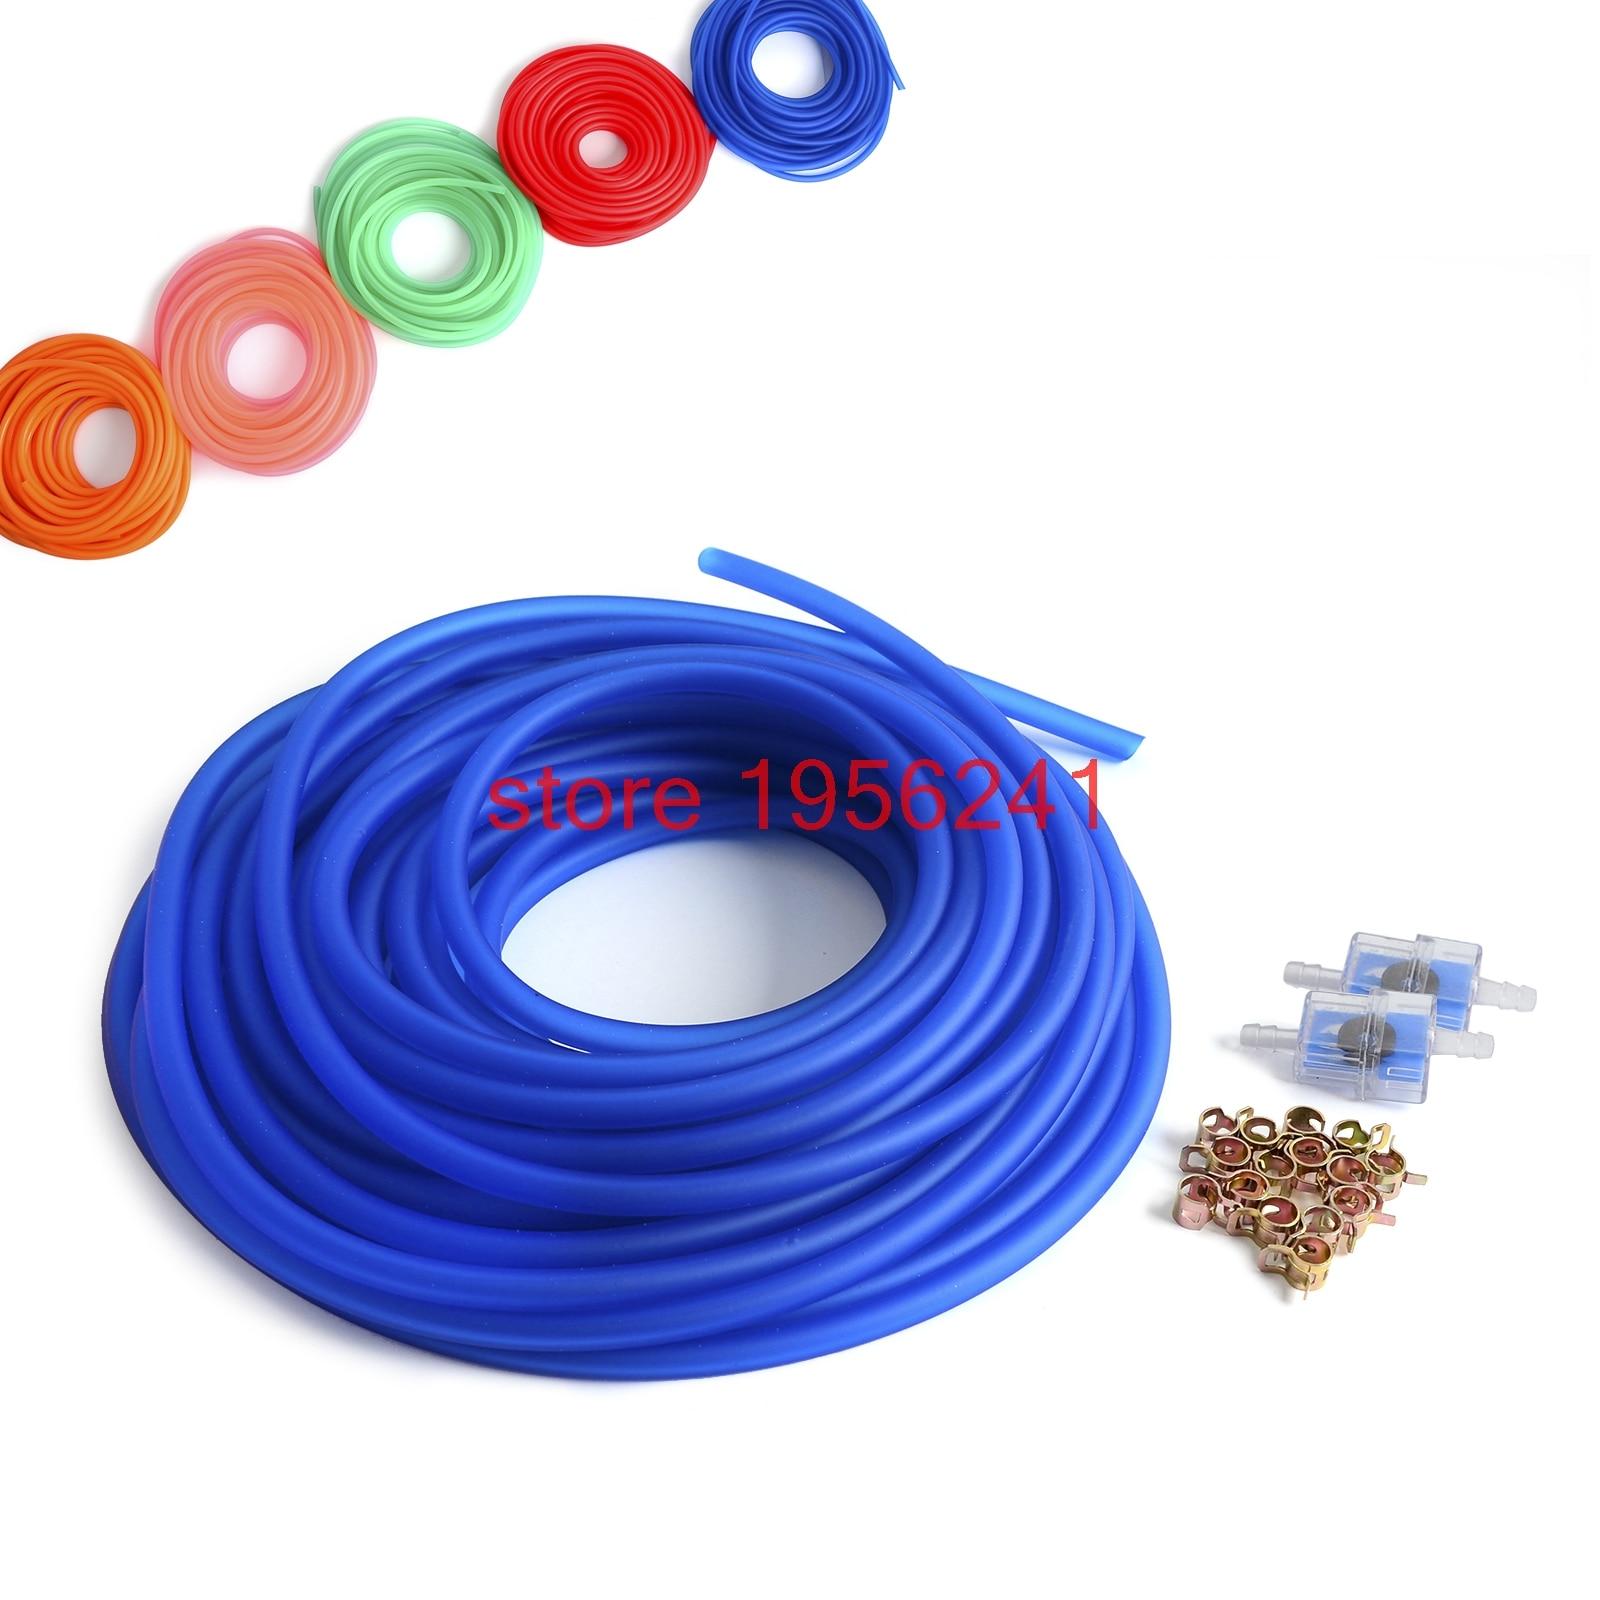 5 футов в пластике топливопровод труба с хомутами фильтр 3/32 дизельный топливный газ линия Труба масла НКТ Триммер для craftsman Weedeater